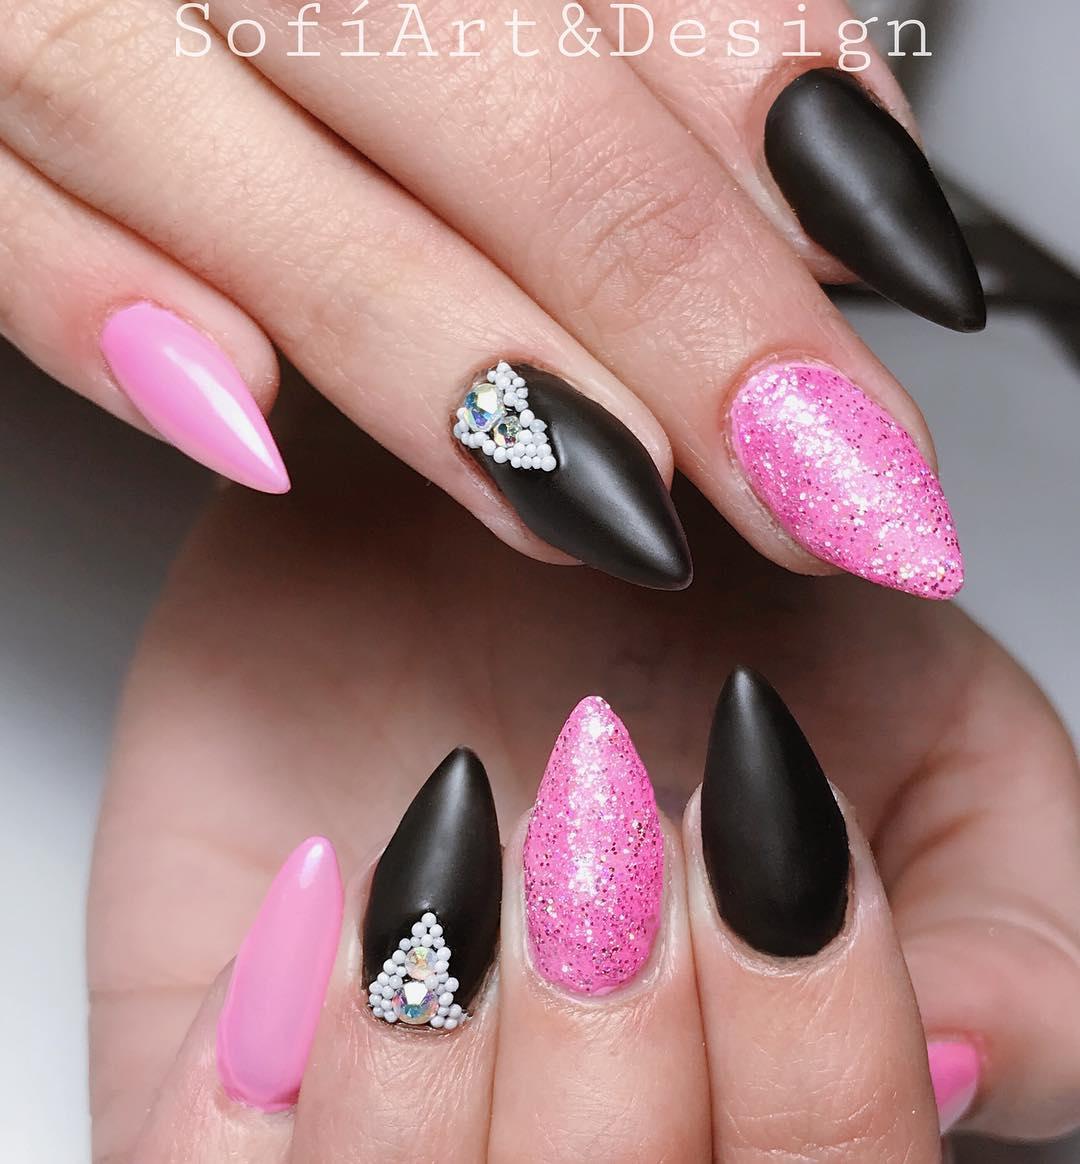 Goma de mascar rosa com preto e um monte de brilli brilli #sofiartanddesign # unhas # uñassemipe ...